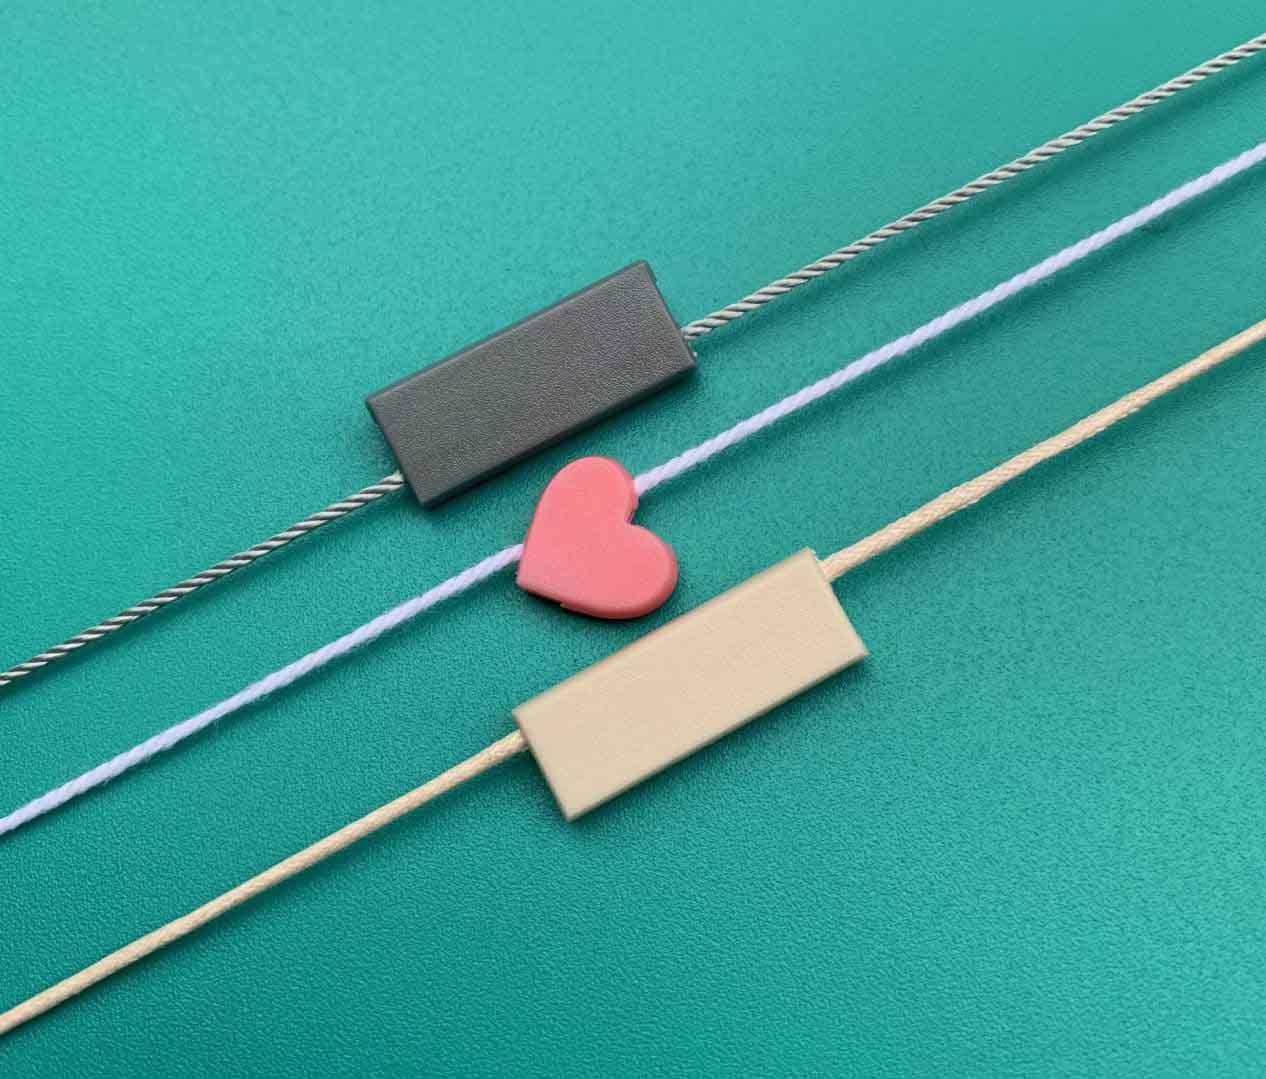 優質塑料吊牌廠-知名廠家為您推薦精良的吊粒吊牌